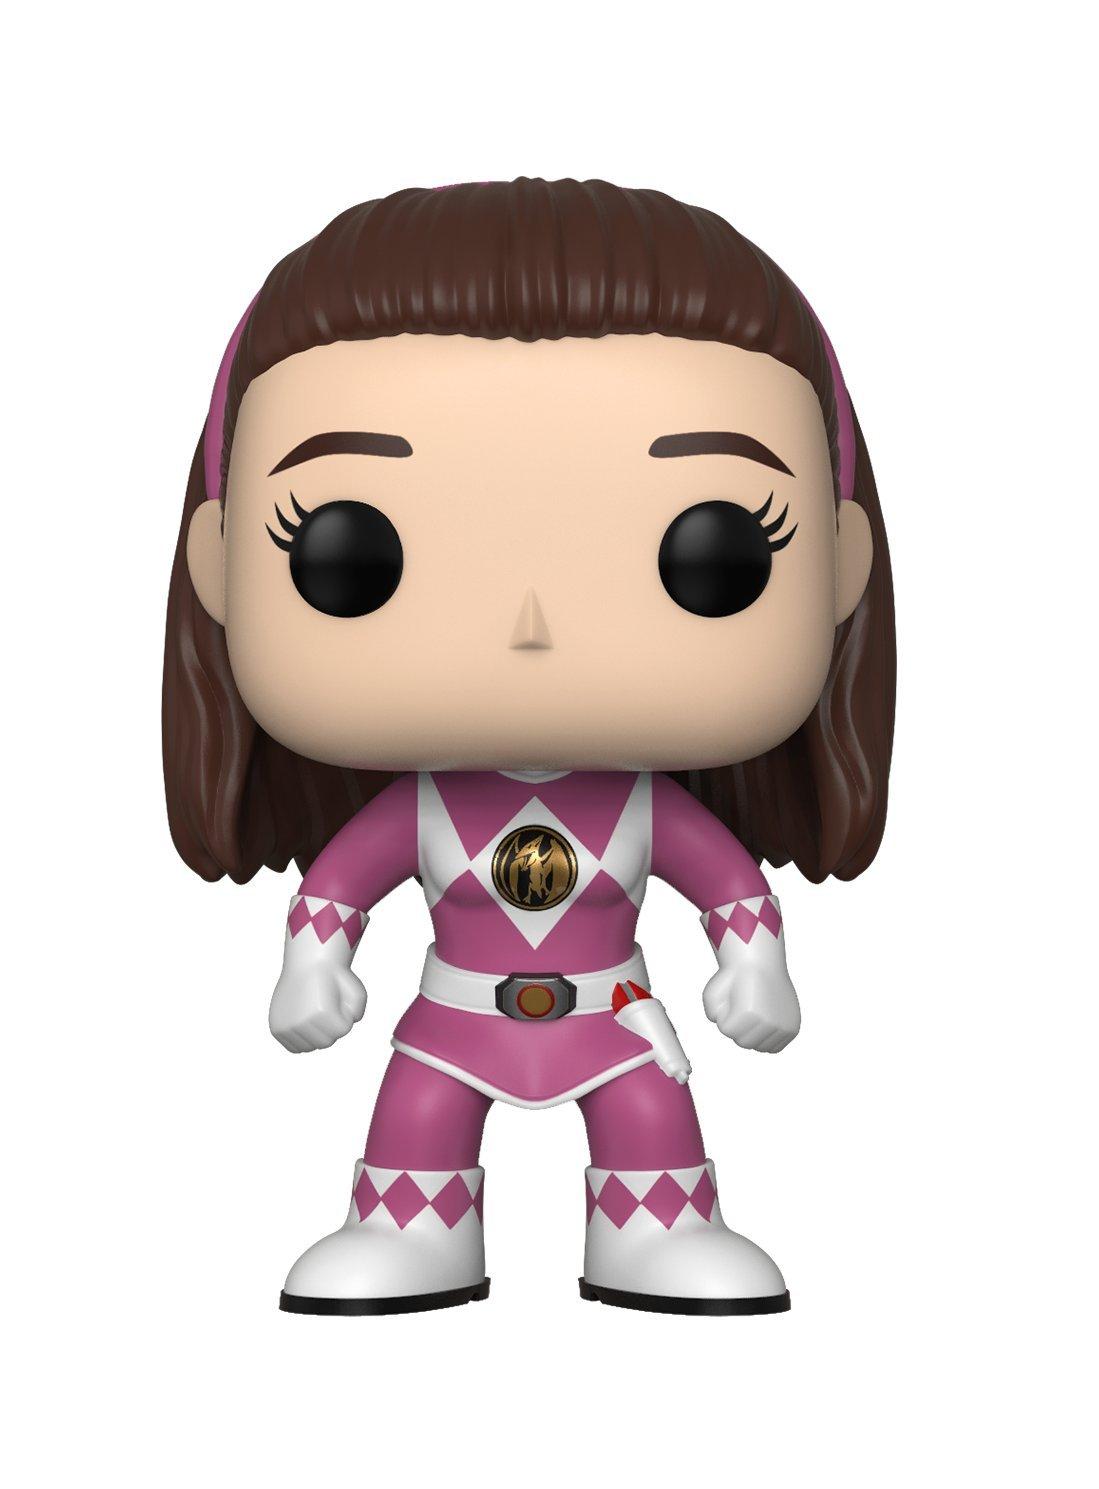 Funko Pop! Power Ranger - Ranger Rosa - Kimberly